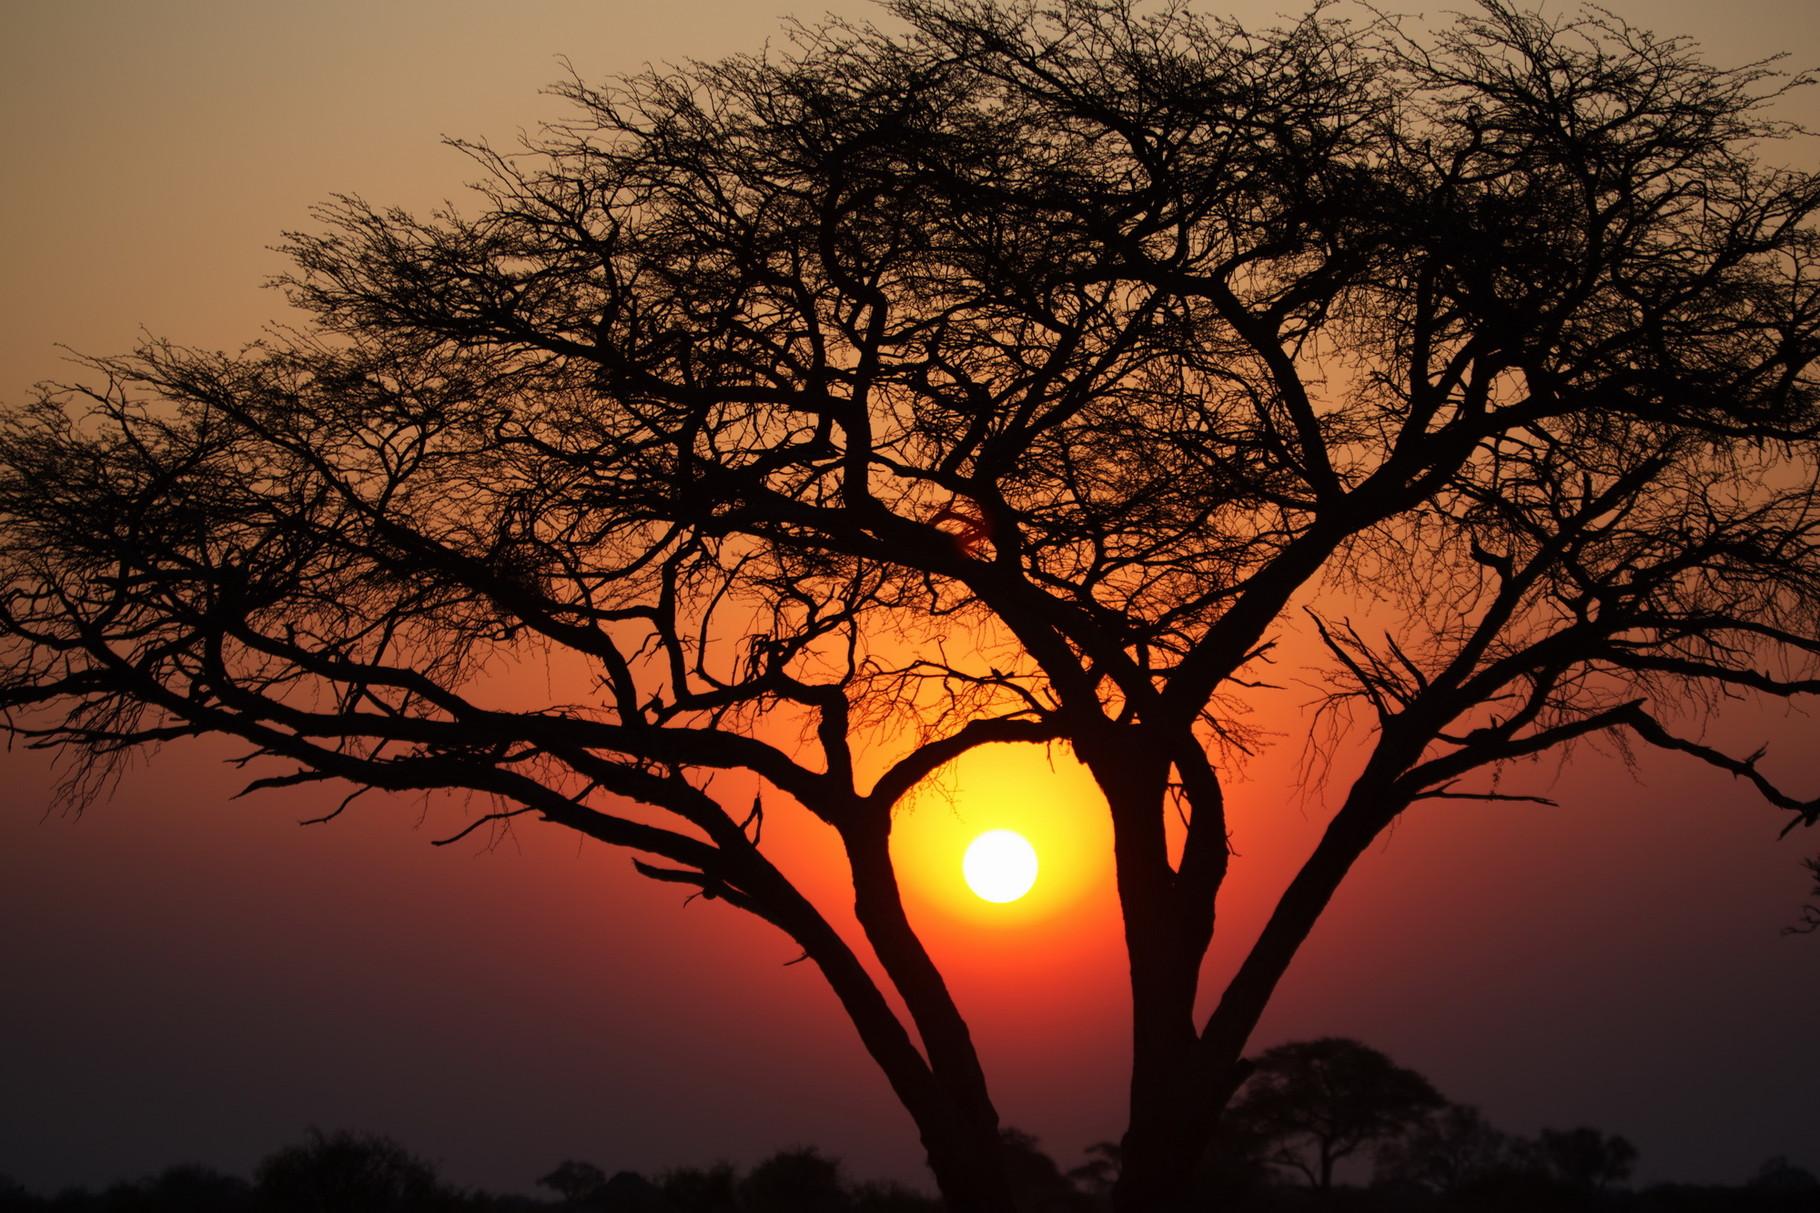 Sonnenuntergang im Hwange NP in Simbabwe